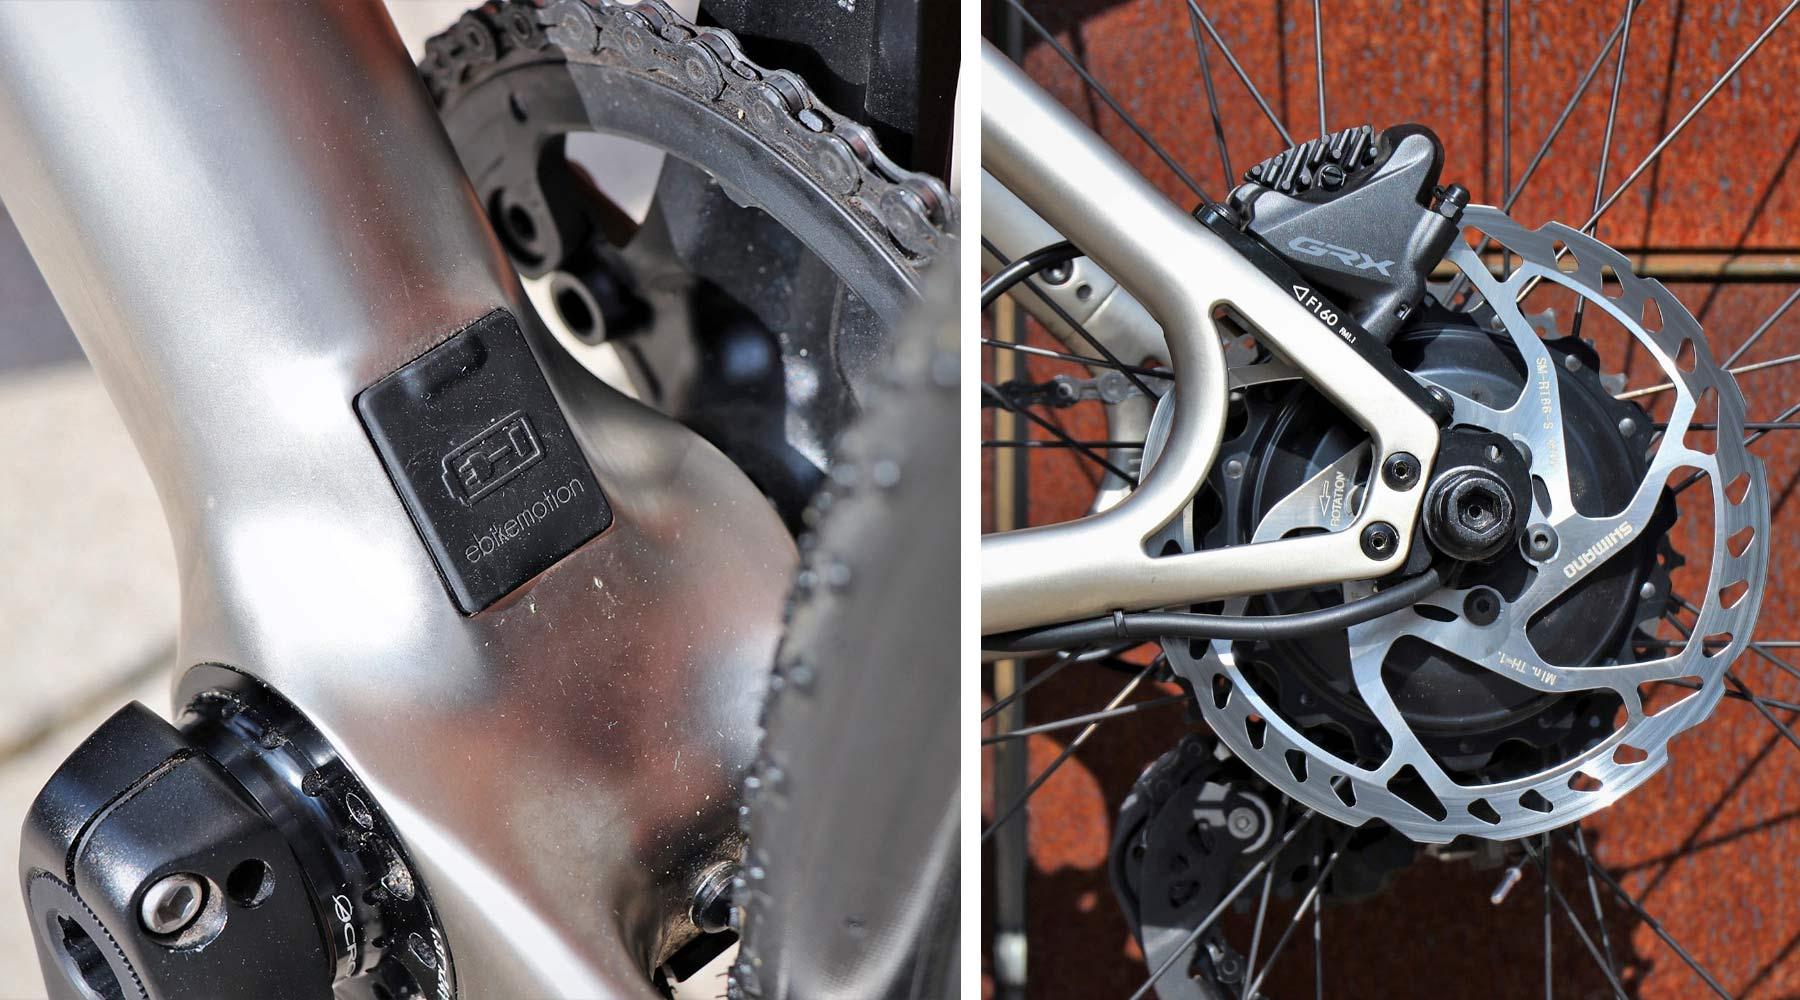 Urwahn Waldwiesel 3D-printed steel gravel bike no seattube, plus Waldwiesel.E hidden e-bike option,ebikemotion